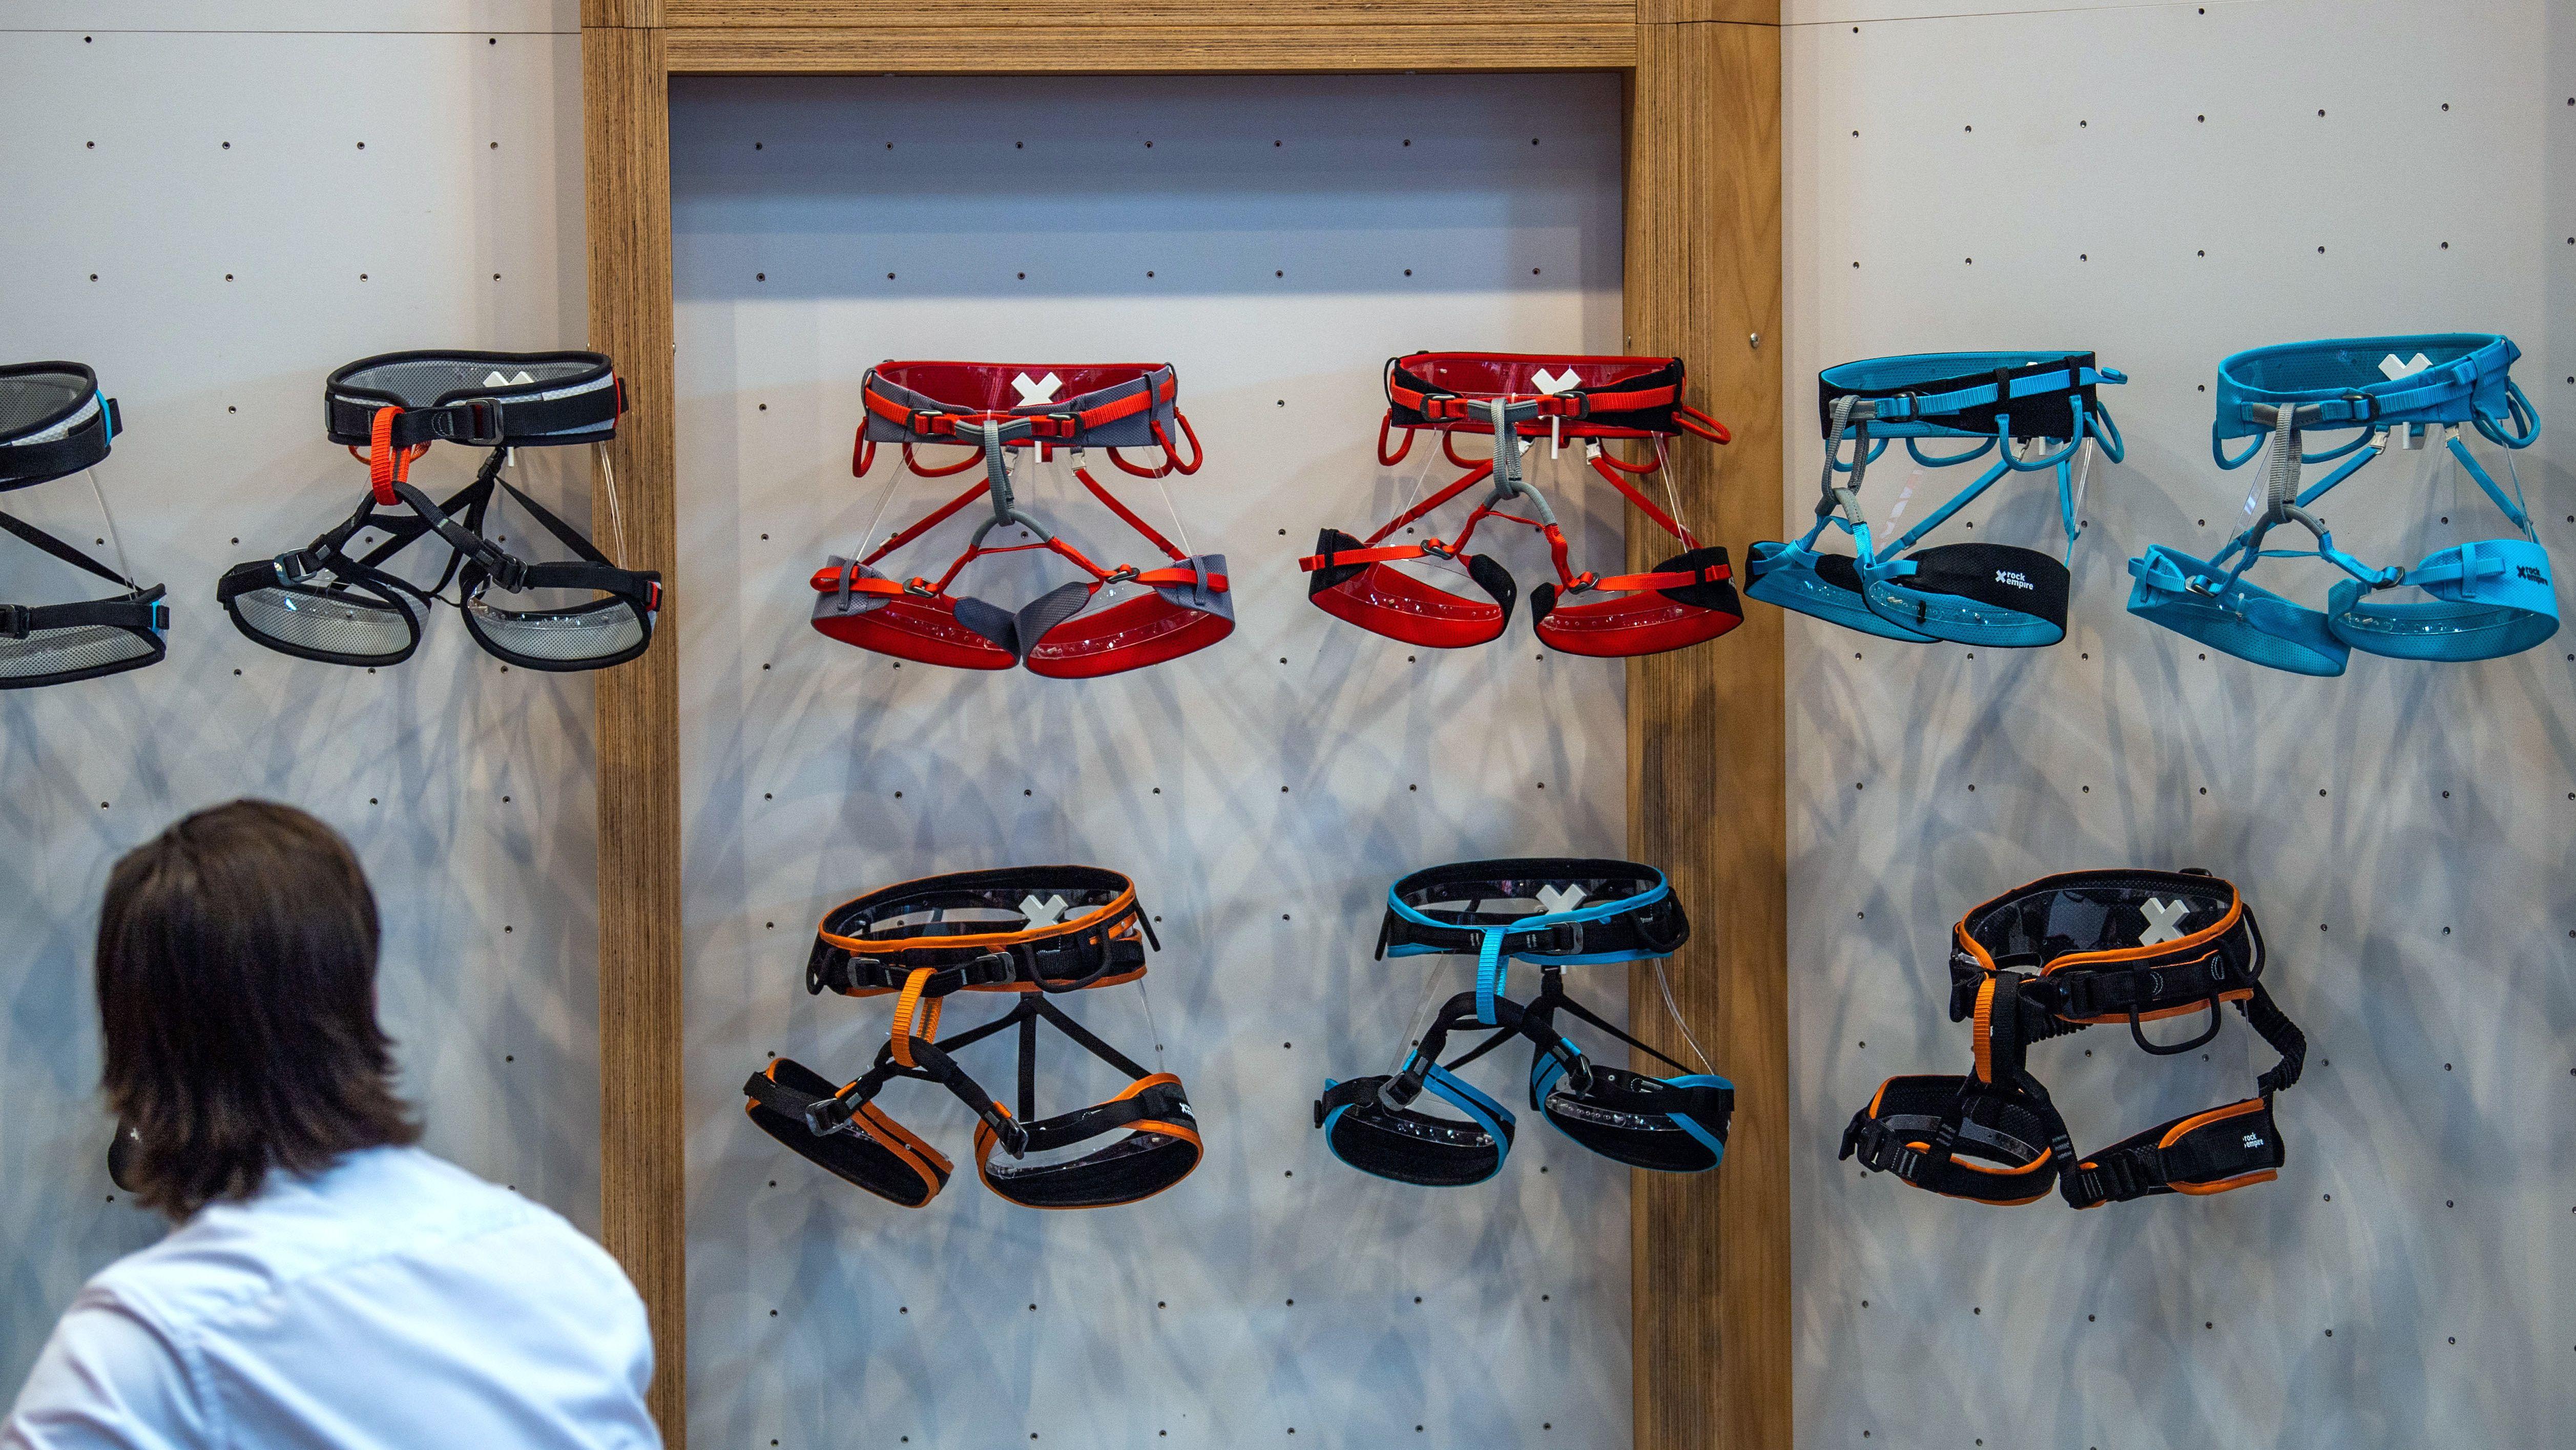 Klettergurte auf der Freizeitbekleidungs- und Sportmesse OutDoor by ISPO